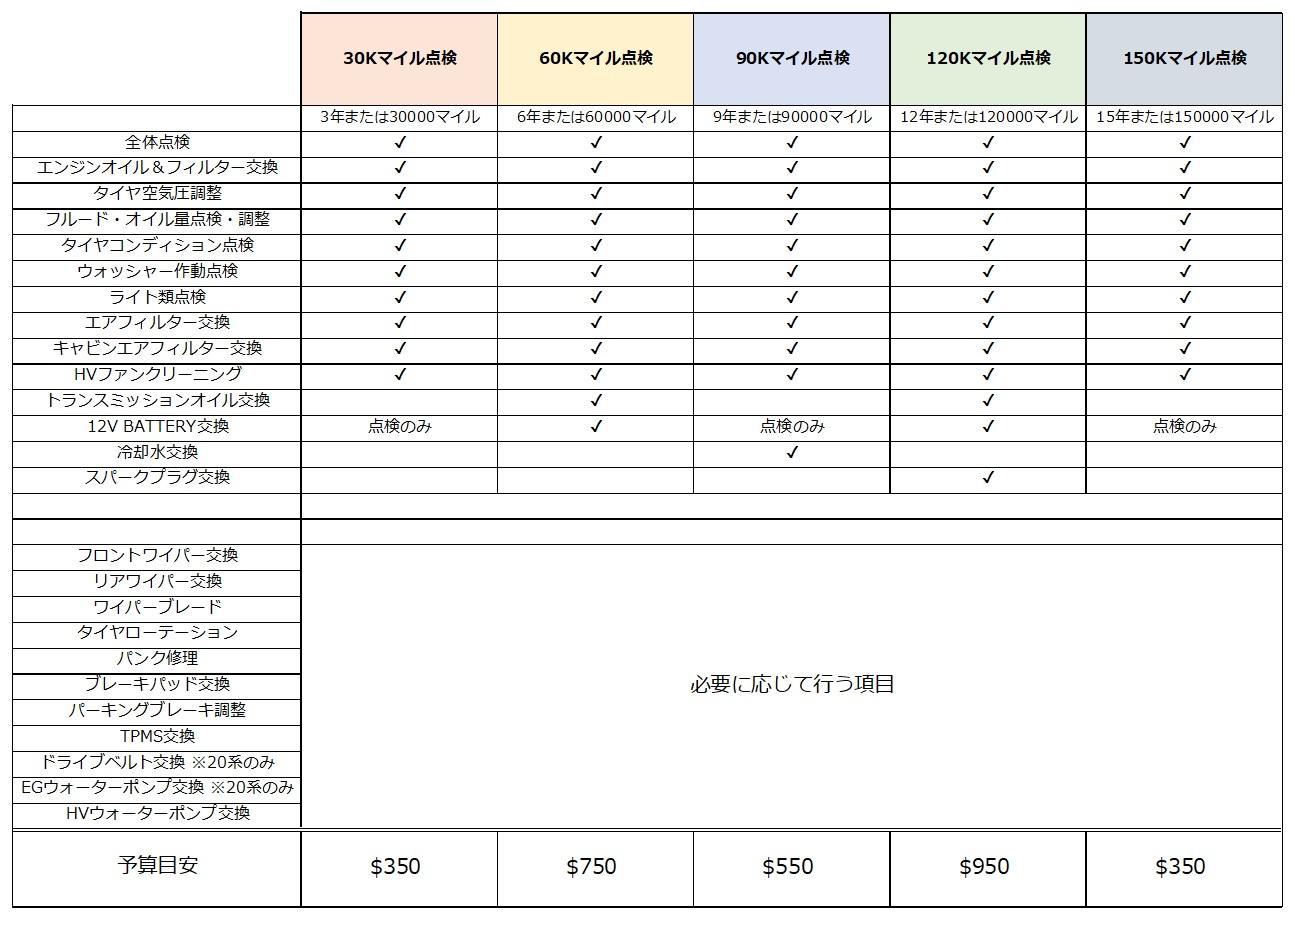 エコドライブ推奨メンテナンススケジュール